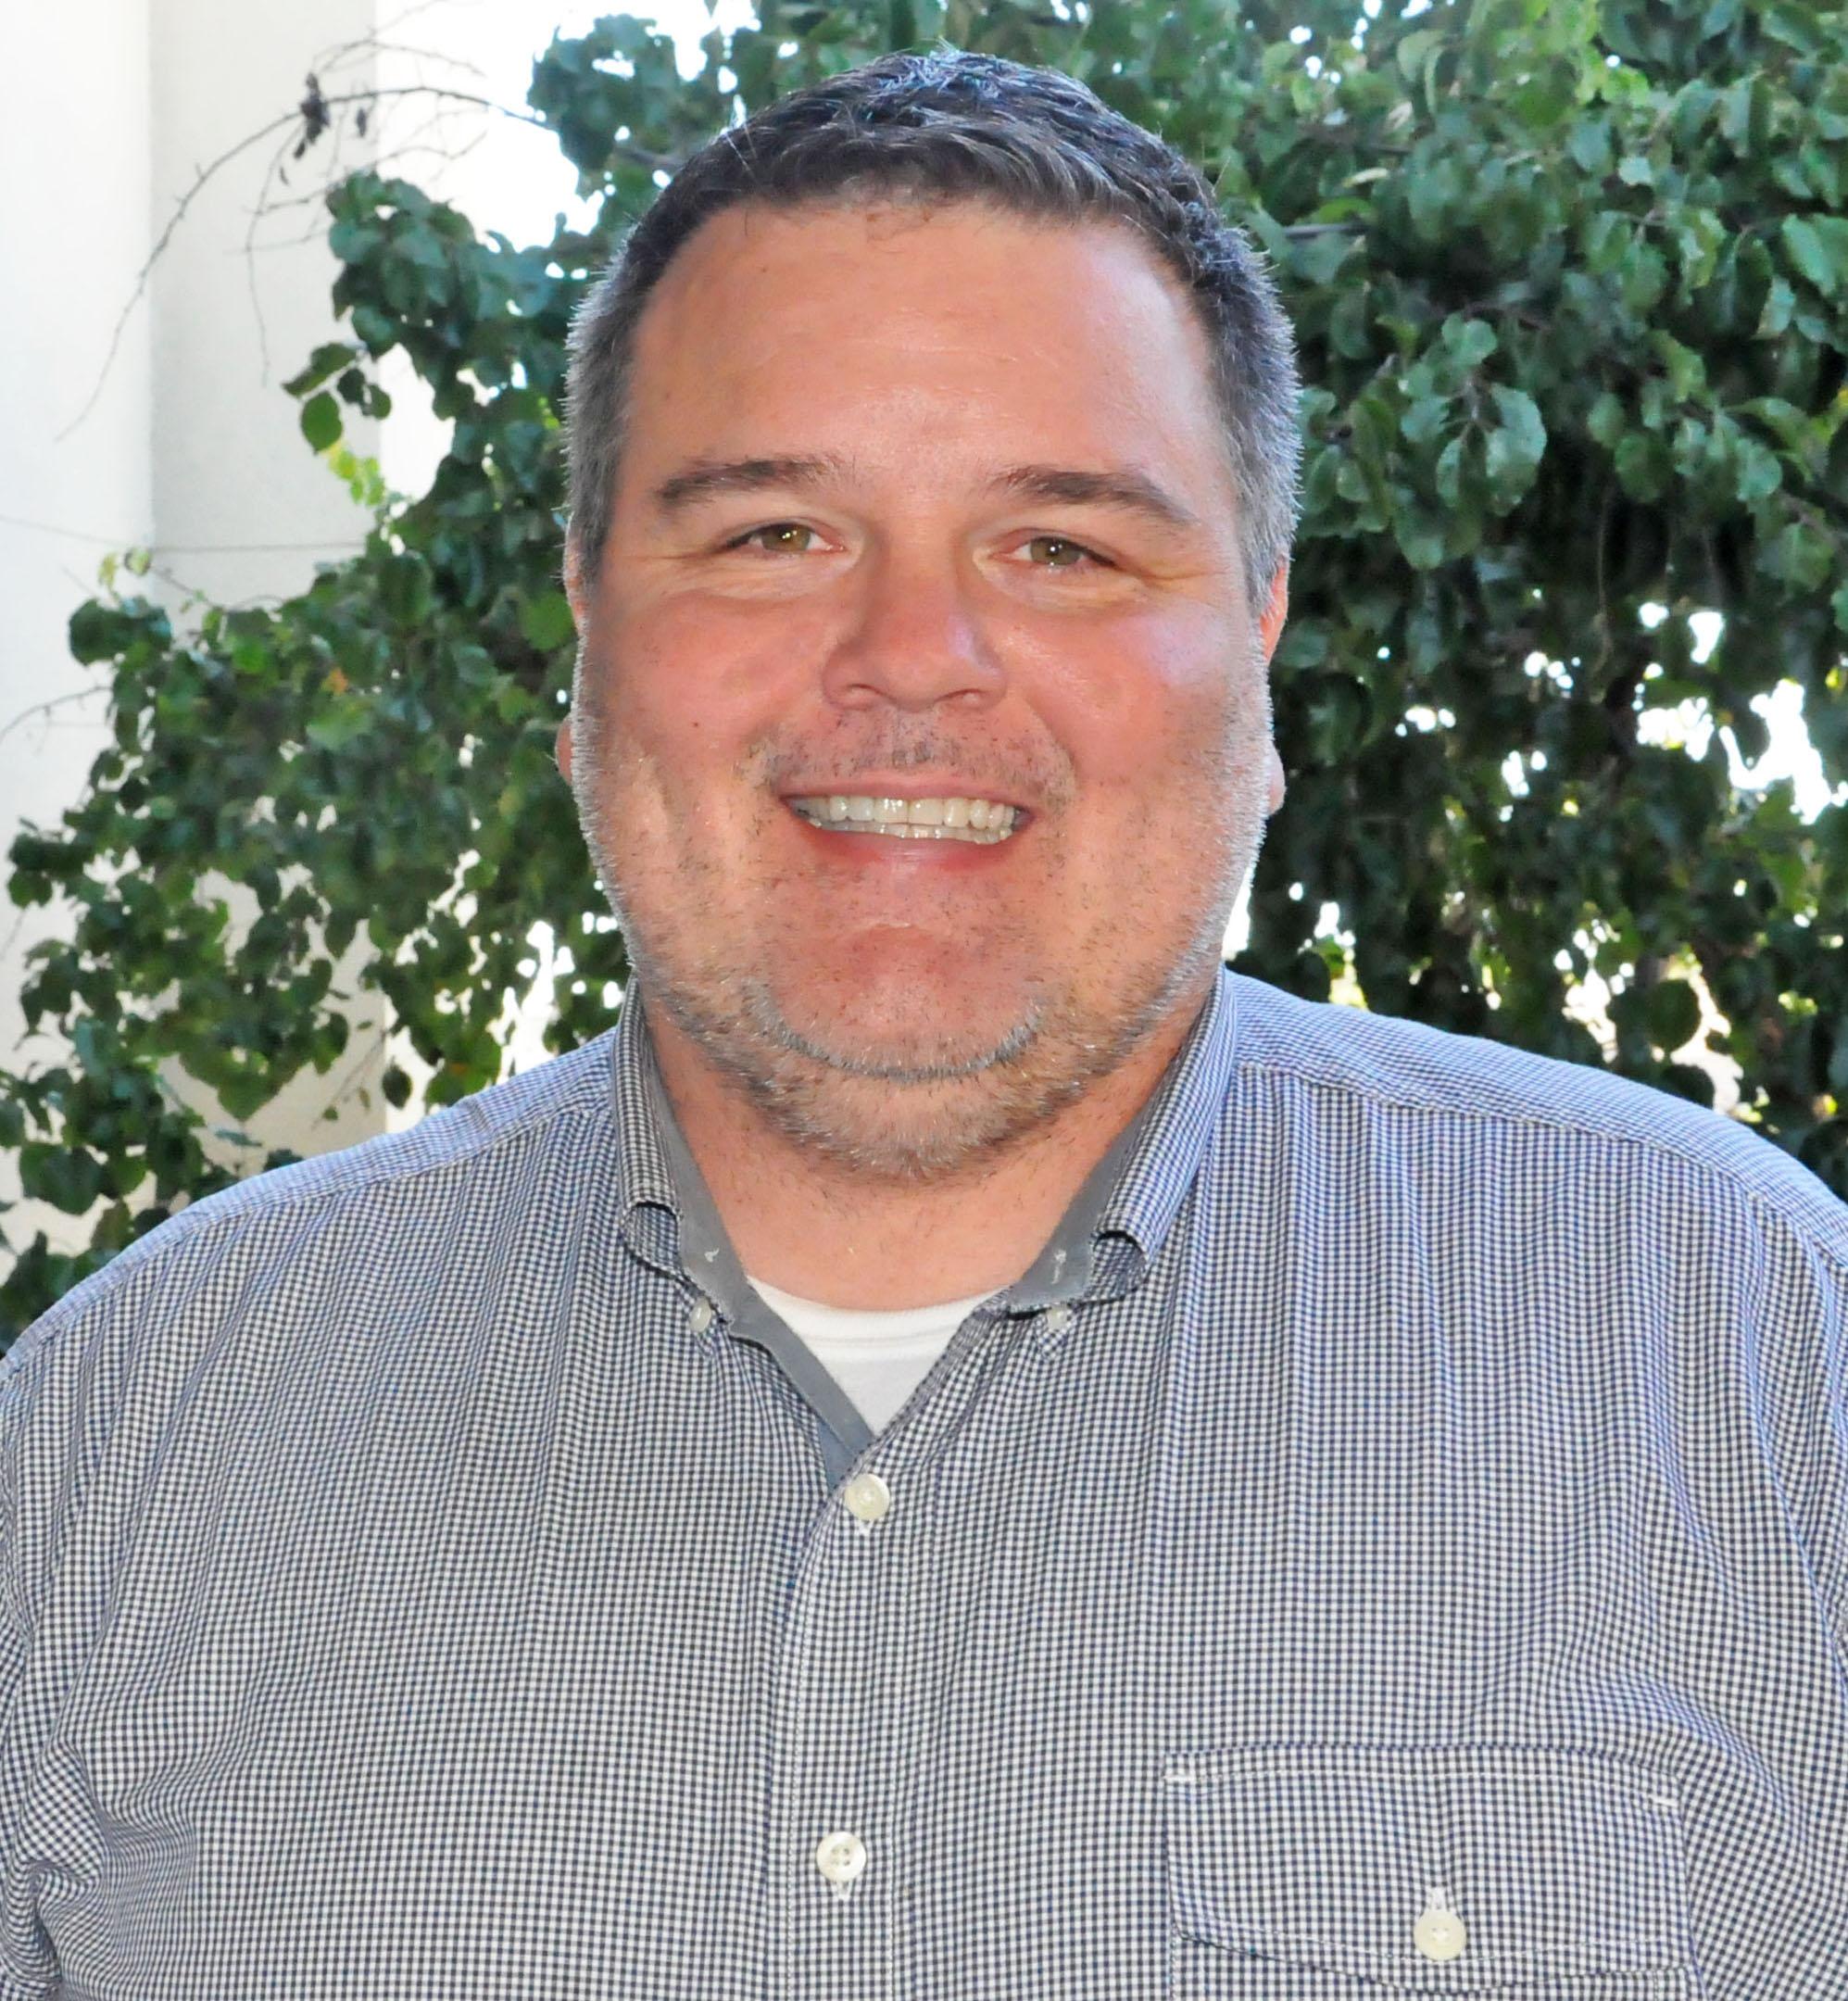 Bryan Glover